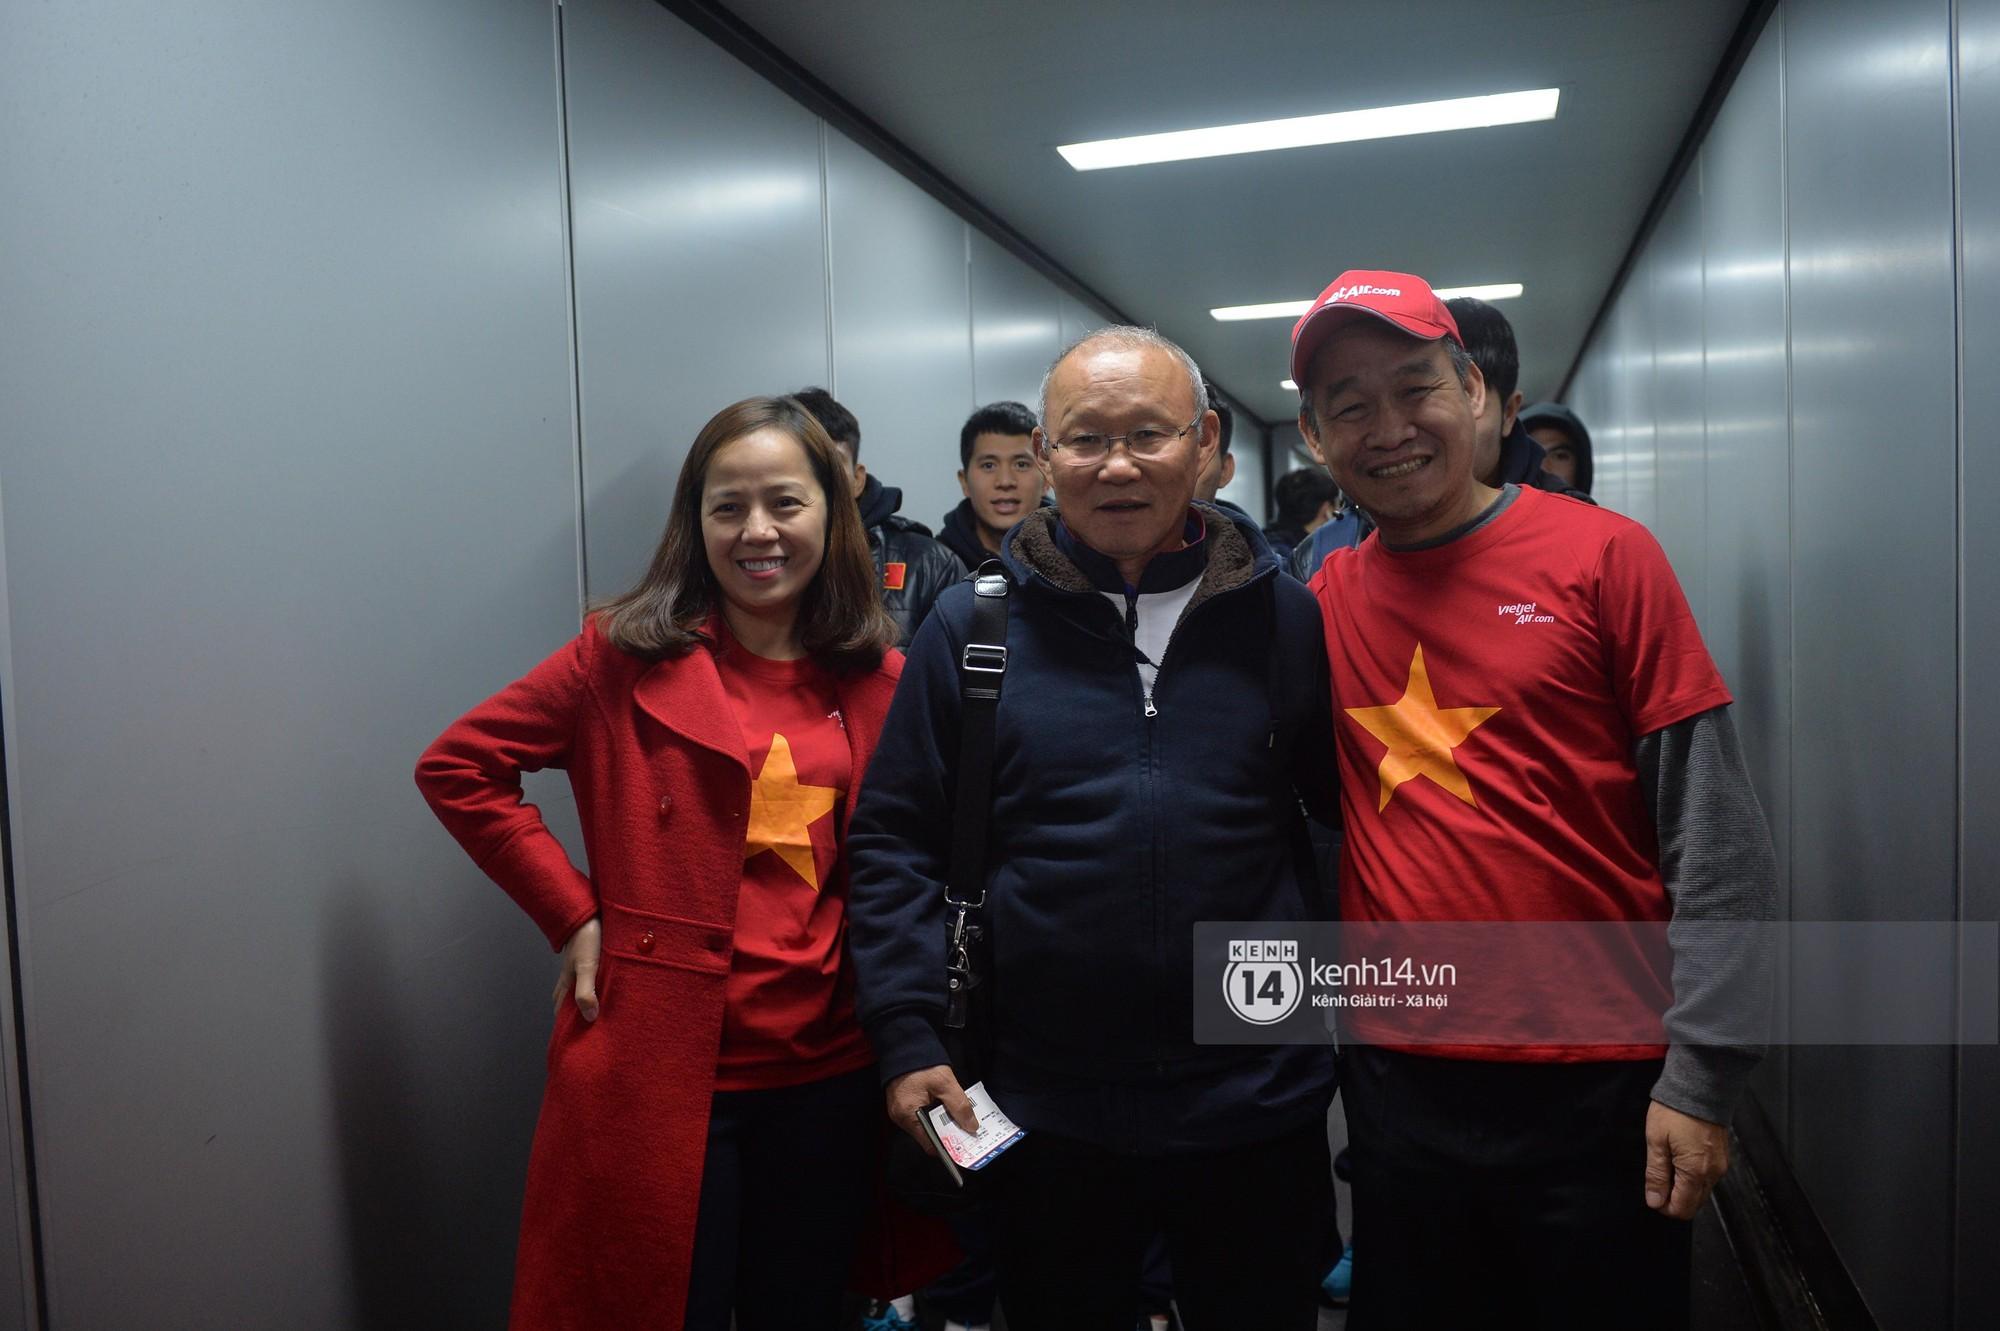 Một ngày dài nhưng nhiều cảm xúc của ông chú Park Hang Seo tại Hà Nội: Những khoảnh khắc không thể quên - Ảnh 3.